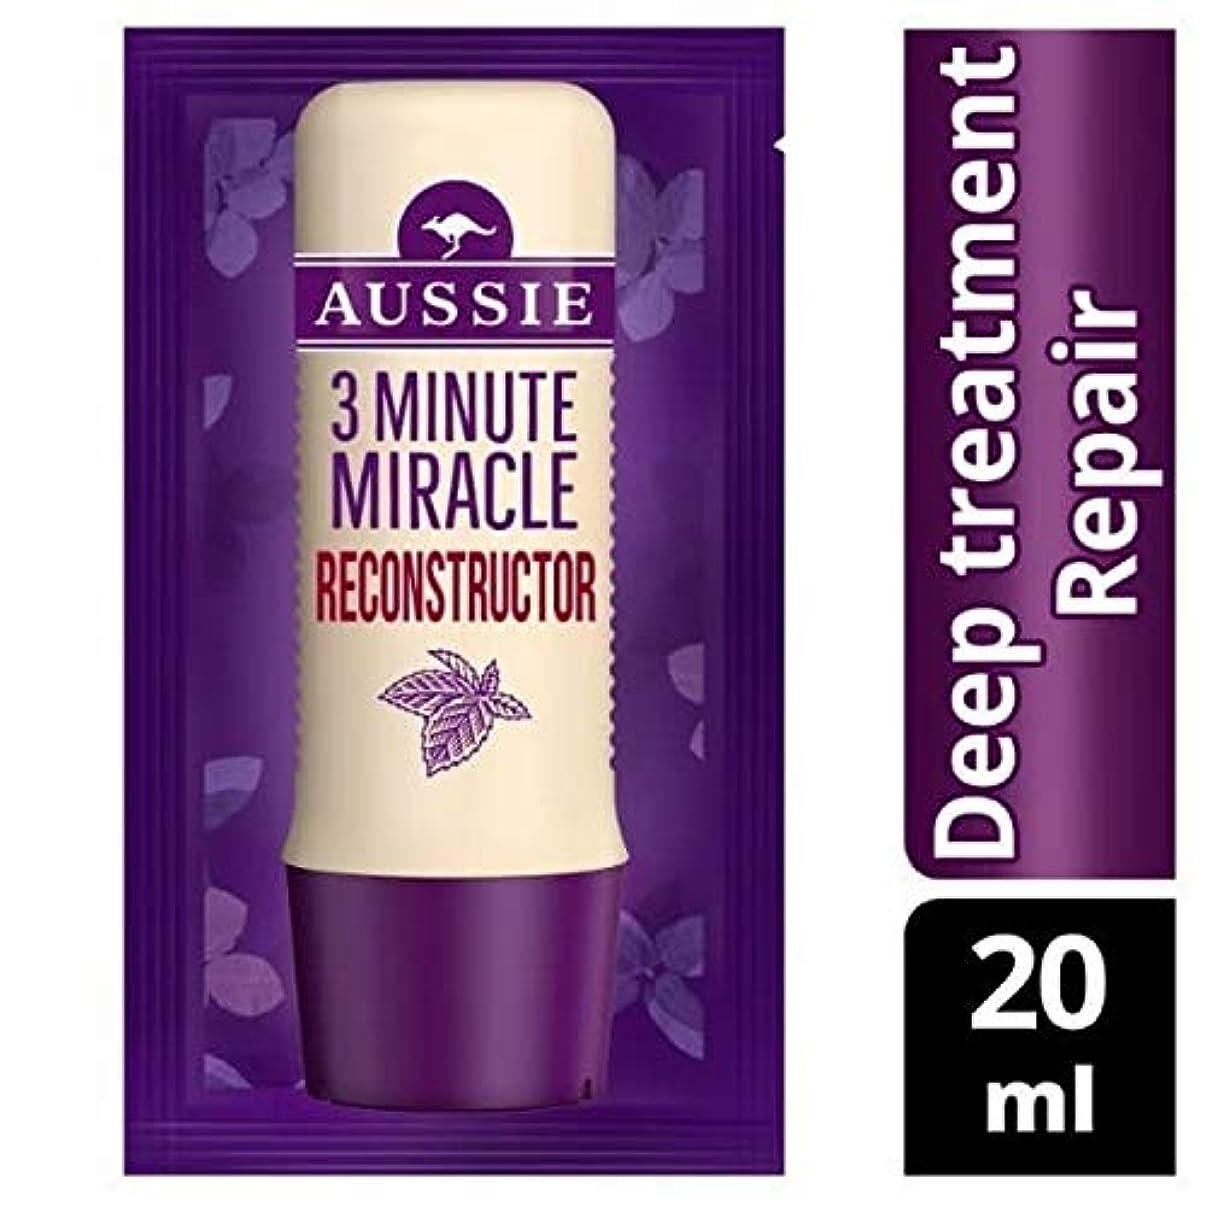 あごひげ寝具スパン[Aussie ] オーストラリアの深い治療3分の奇跡の再構成の20ミリリットル - Aussie Deep Treatment 3 Minute Miracle Reconstructor 20ml [並行輸入品]